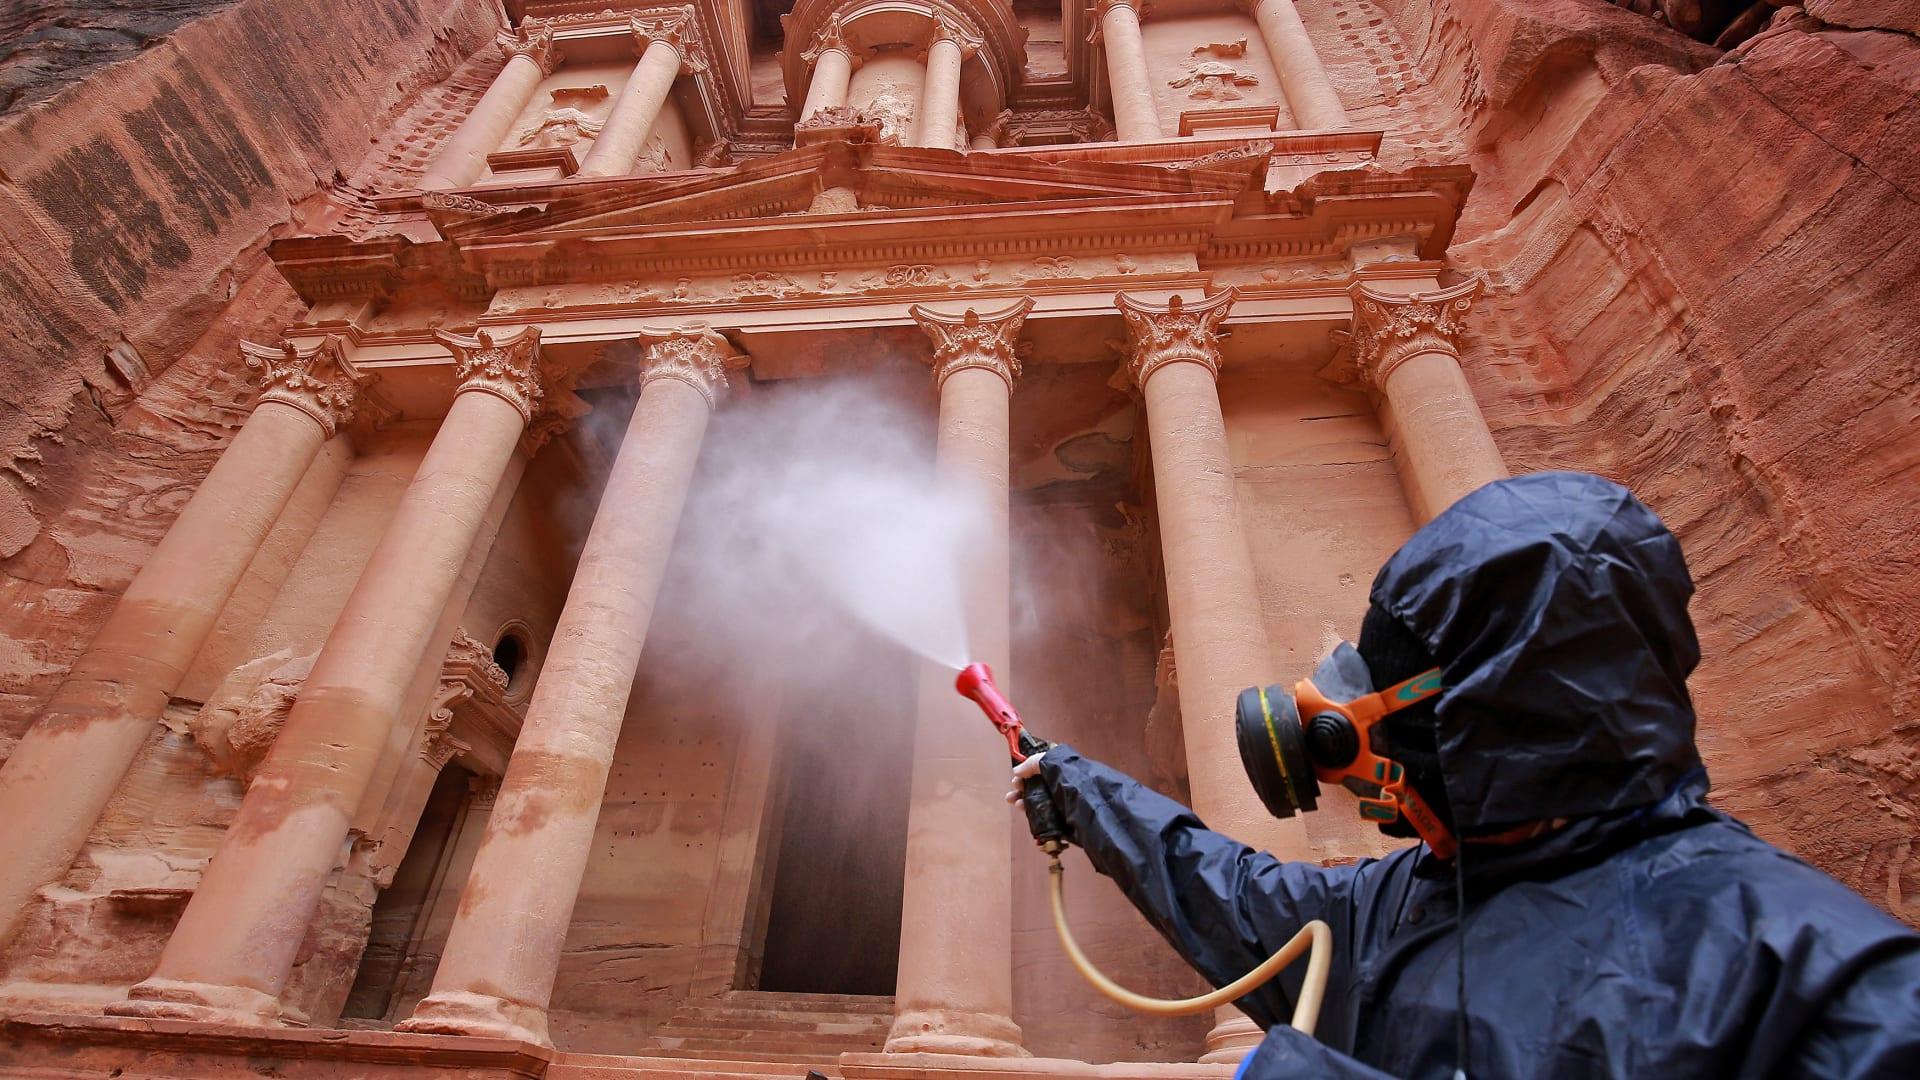 وزير الصحة الأردني لـCNN: قد نتمكن من احتواء فيروس كورونا في غضون اسبوعين